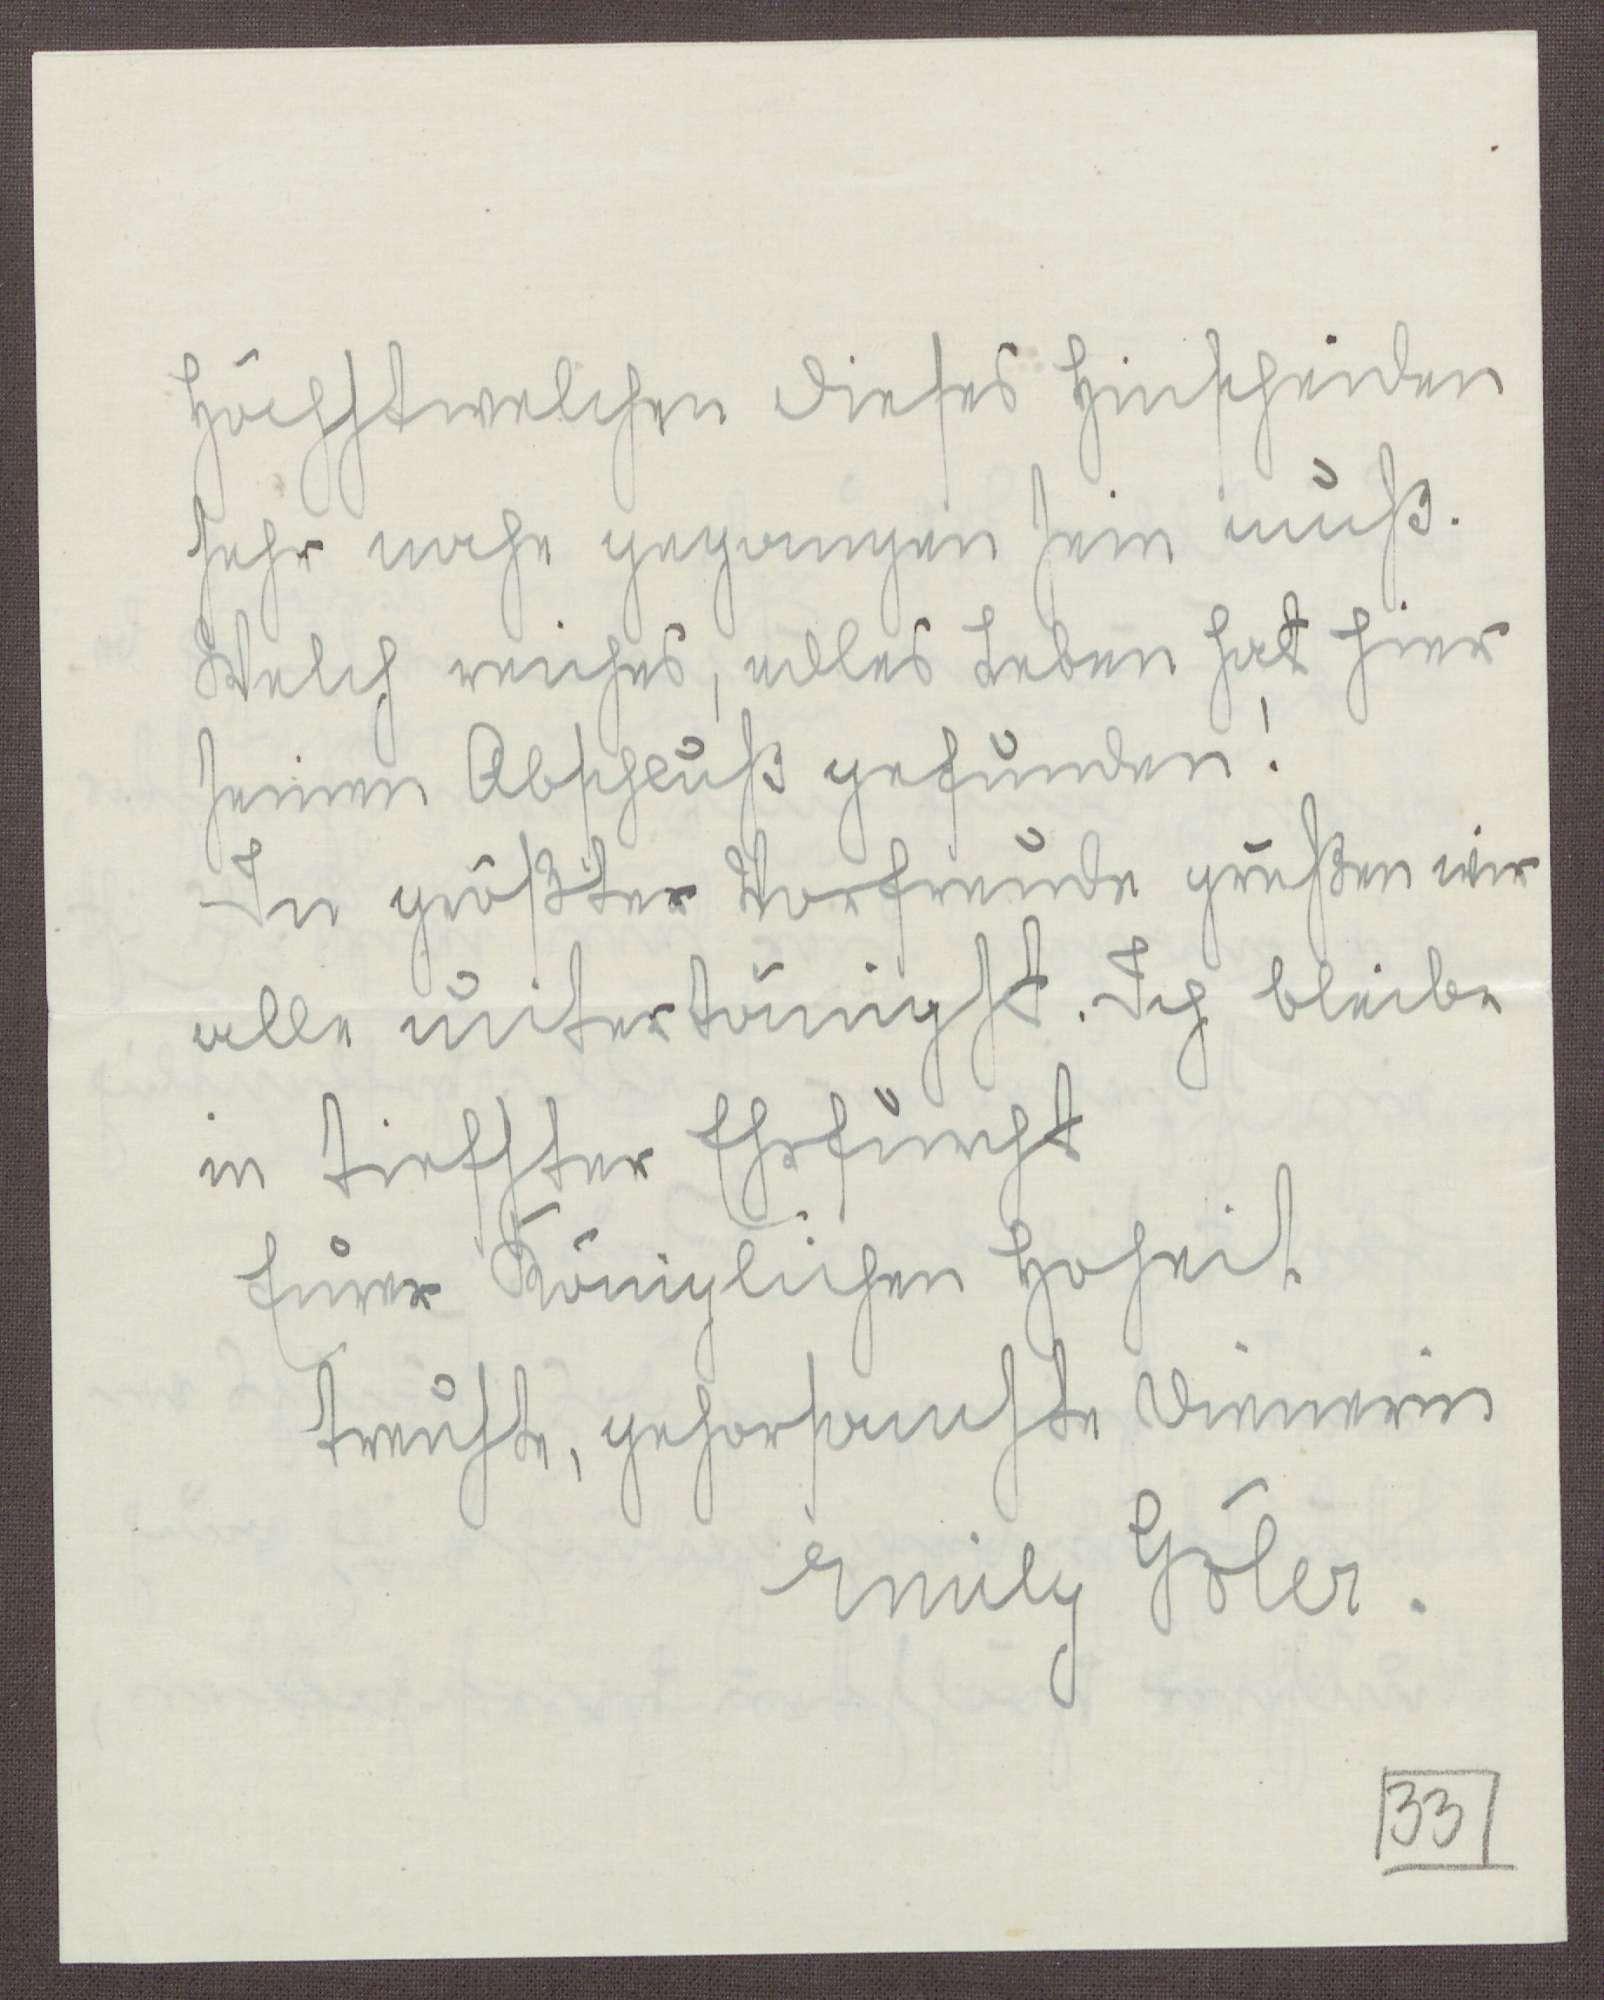 Schreiben von Emilie Göler an die Großherzogin Luise; Tod des Königs Wilhelm II. von Württemberg, Bild 3